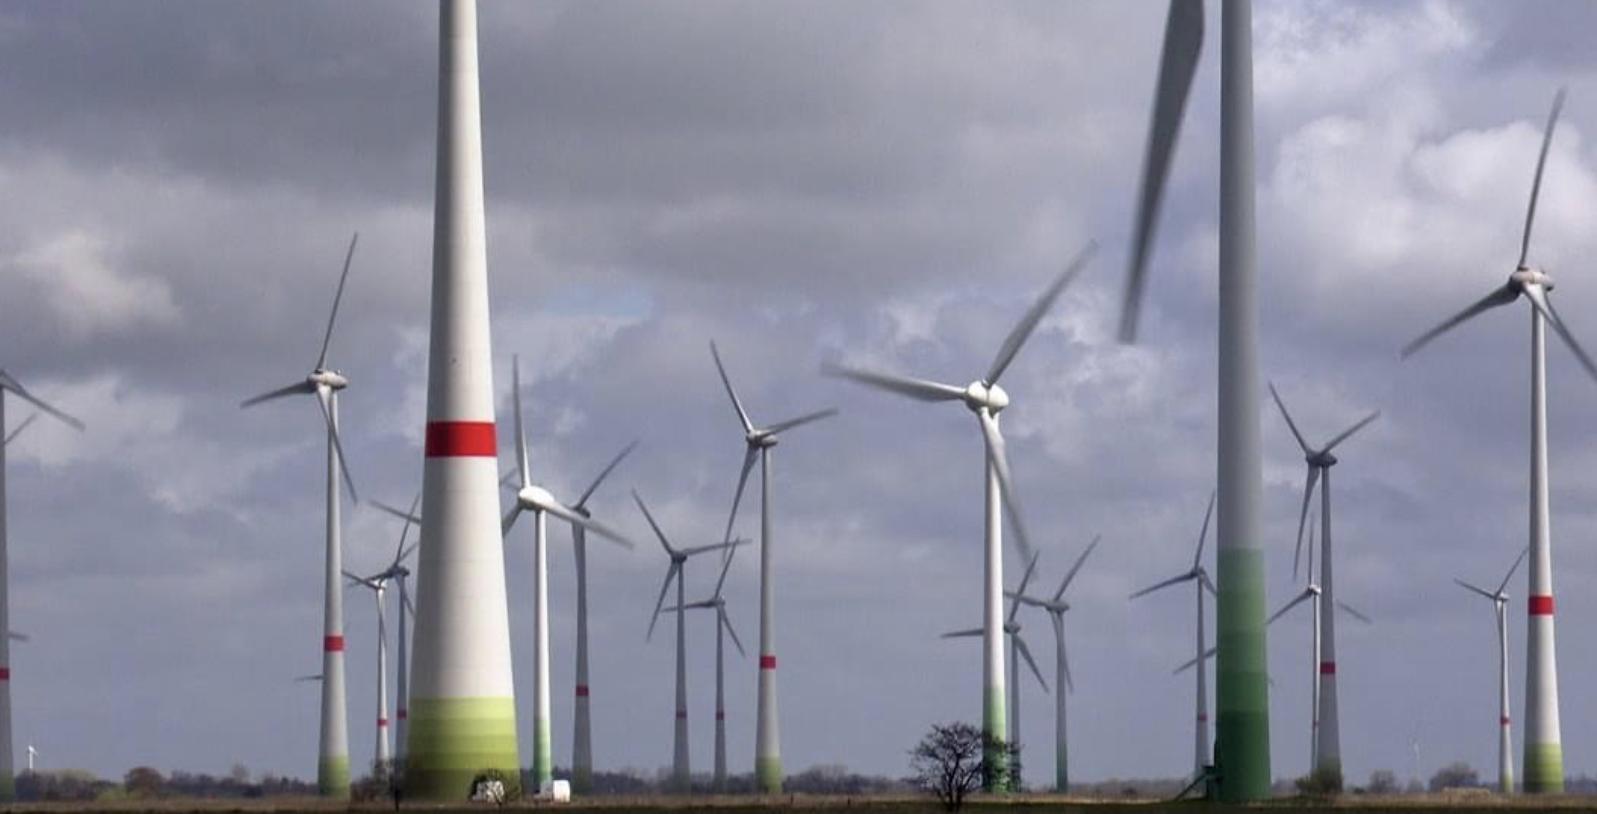 """Pressemitteilung der Bürgerinitiative """"Bliesmenger-Gegenwind"""" zu den neuen Windkraftwerksplänen am Allenberg in Bliesmengen-Bolchen"""